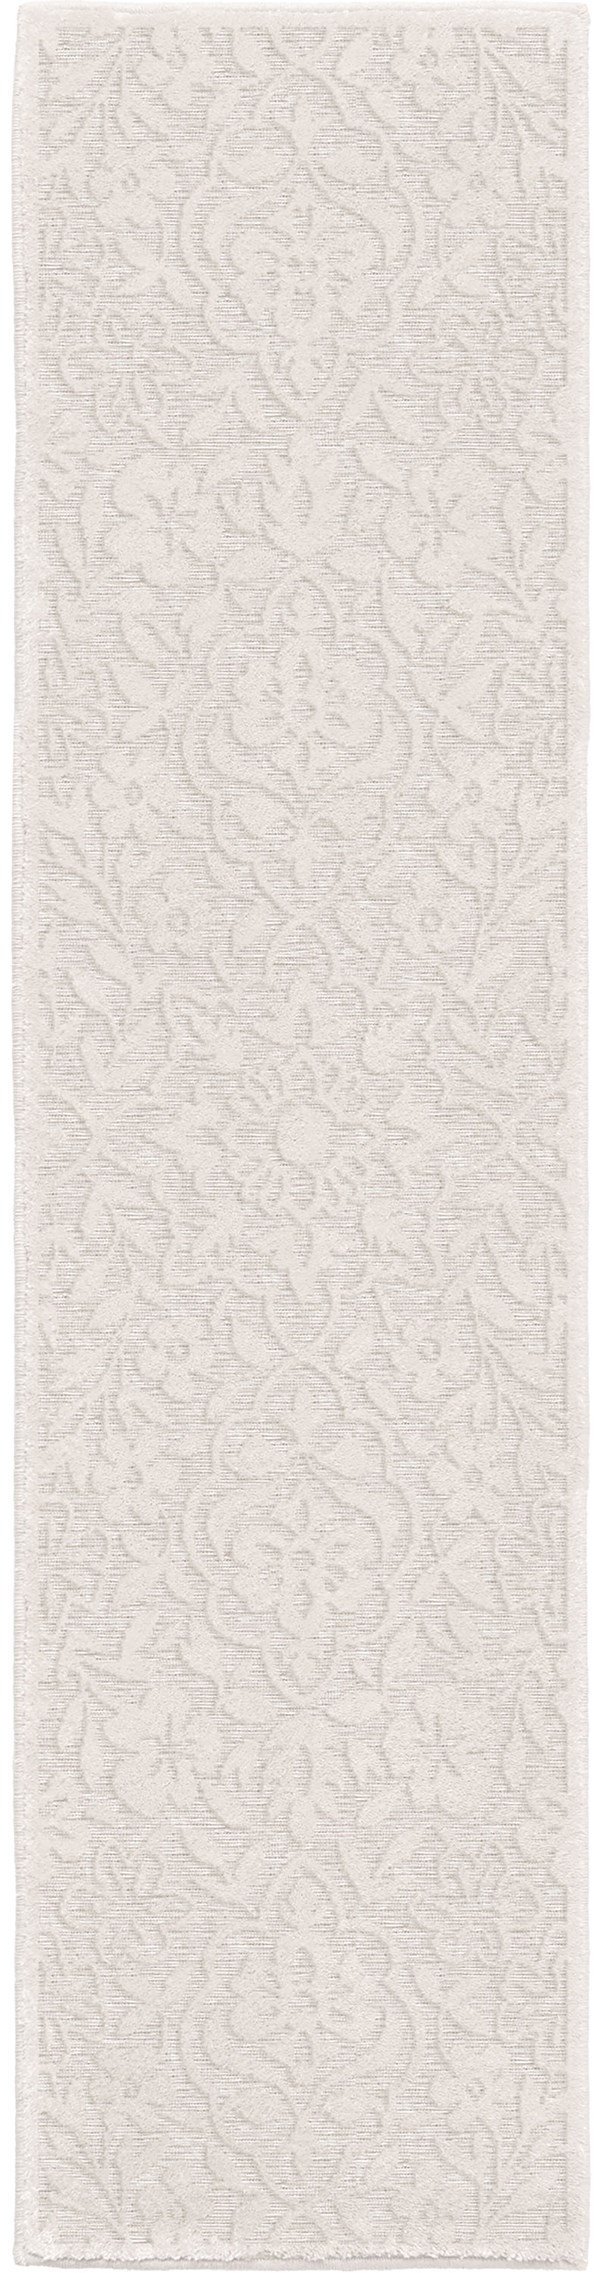 Ivory (4700) Outdoor / Indoor Area Rug